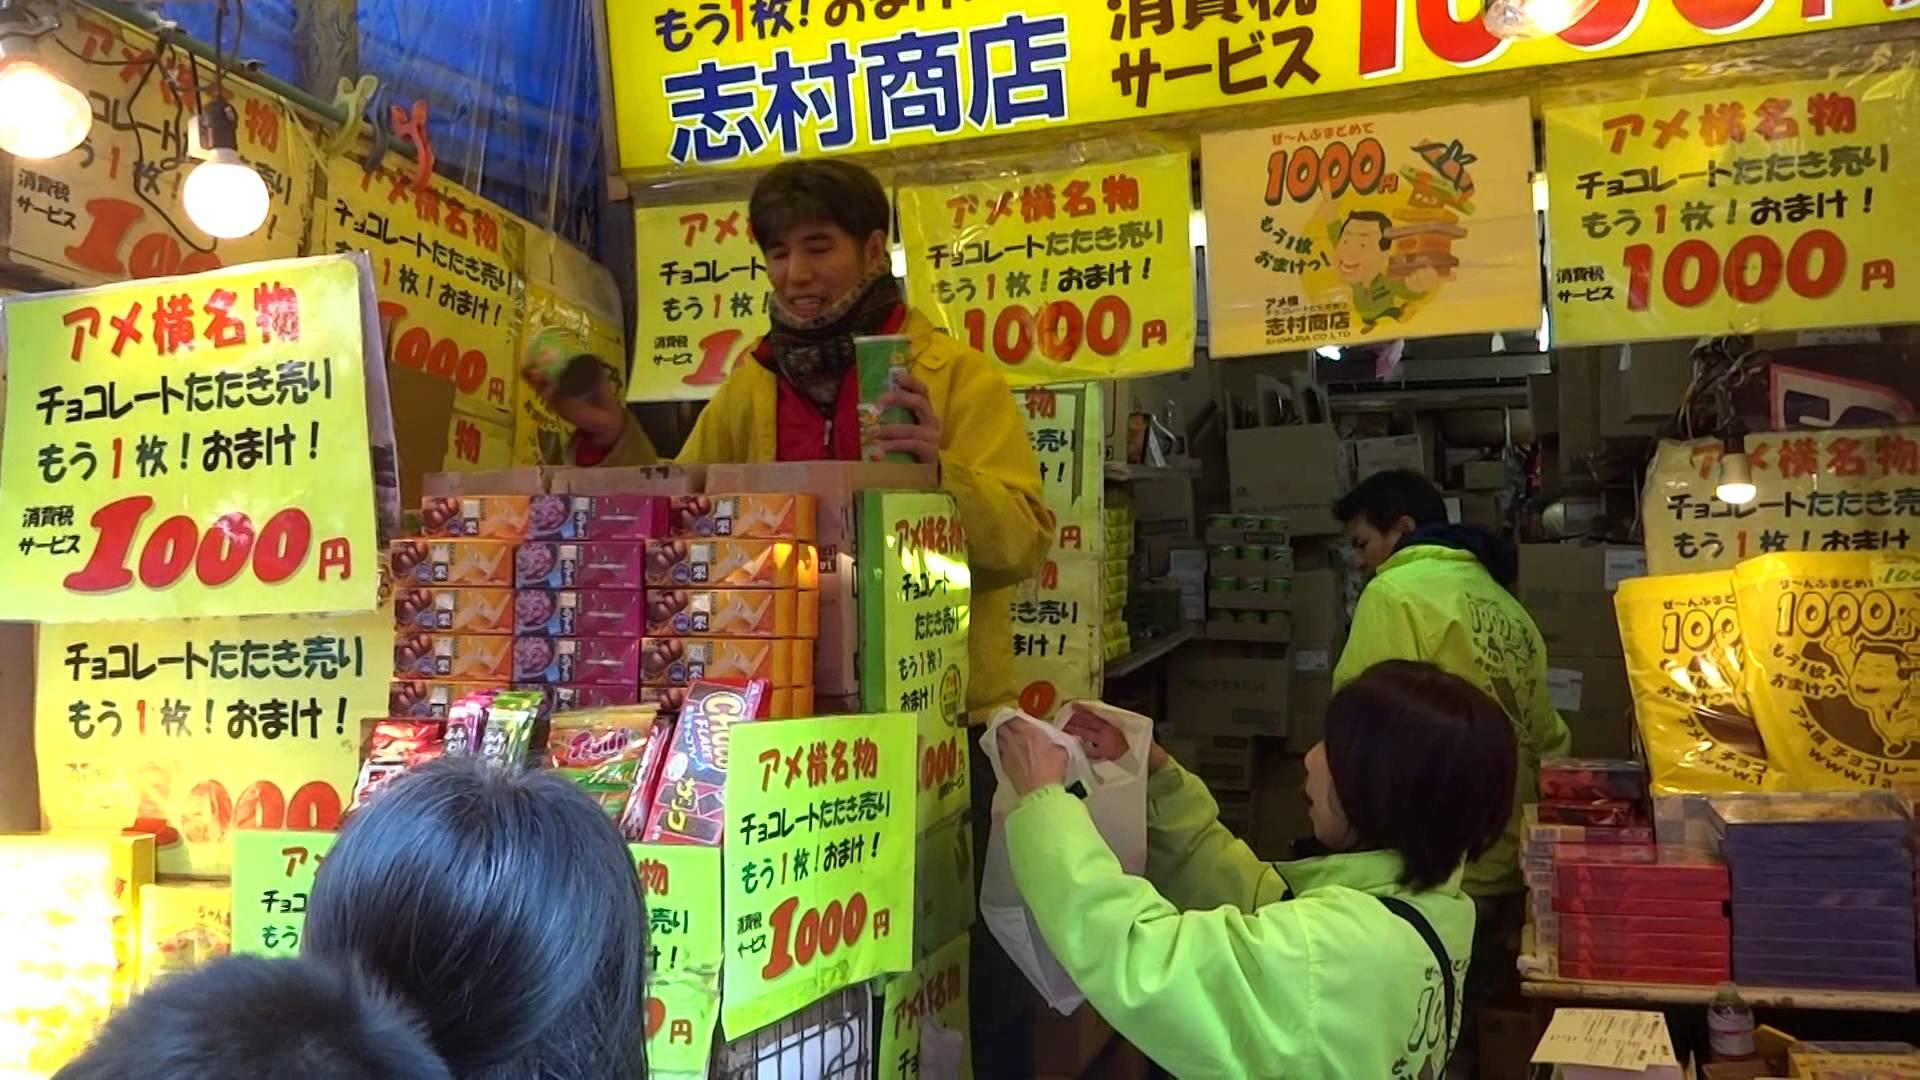 志村商店叫賣的店員。(來源:youtube.com)